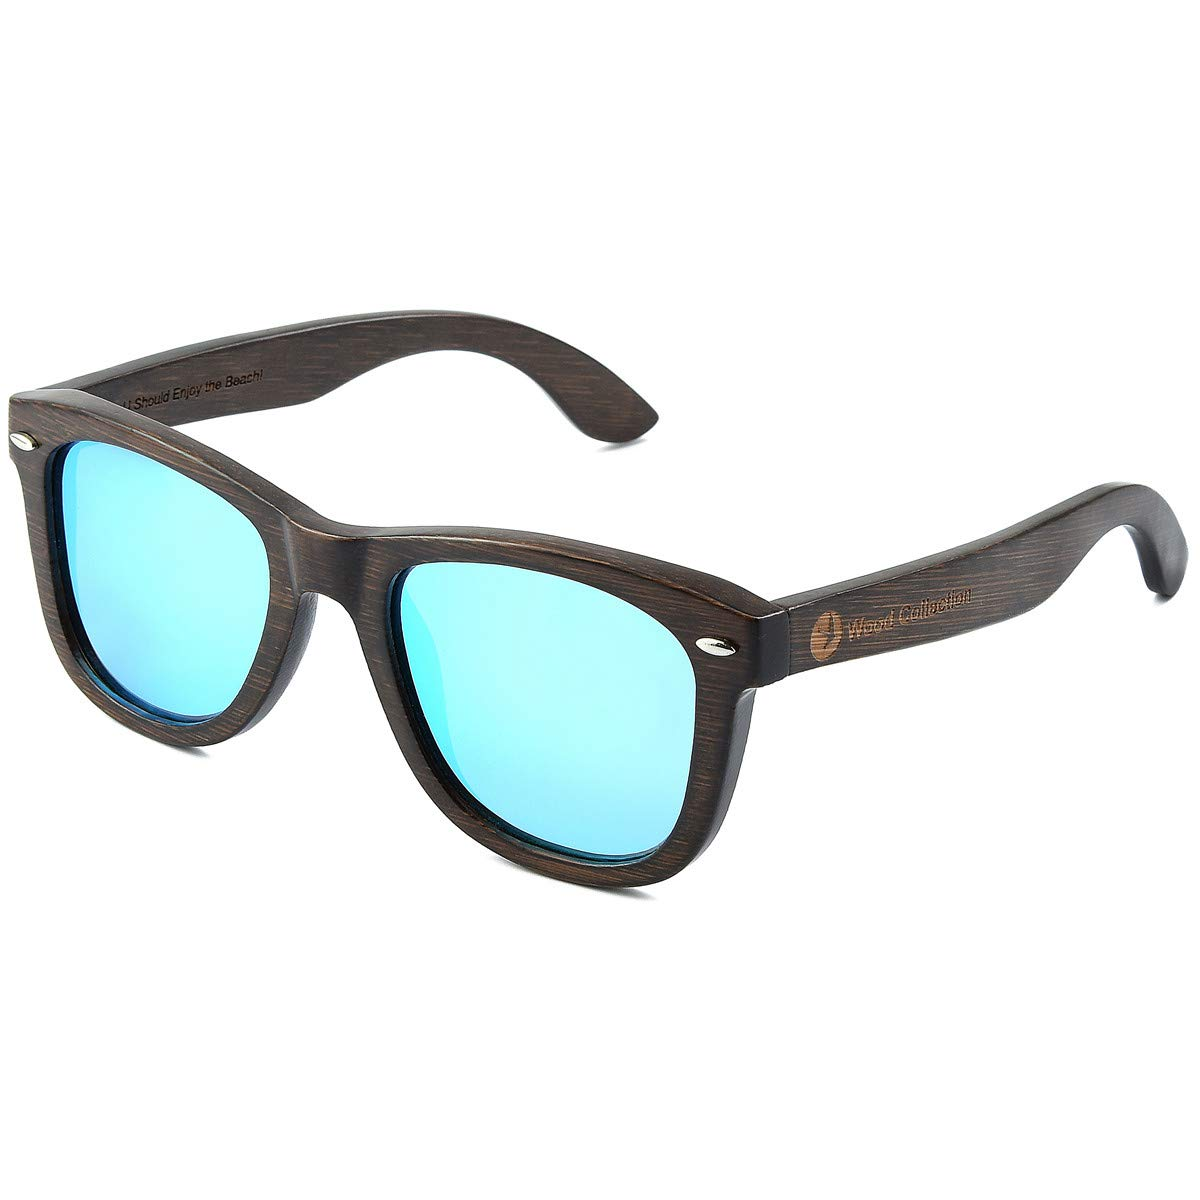 Floating Wood Sunglasses Polarized Unisex Bamboo Sunglasses